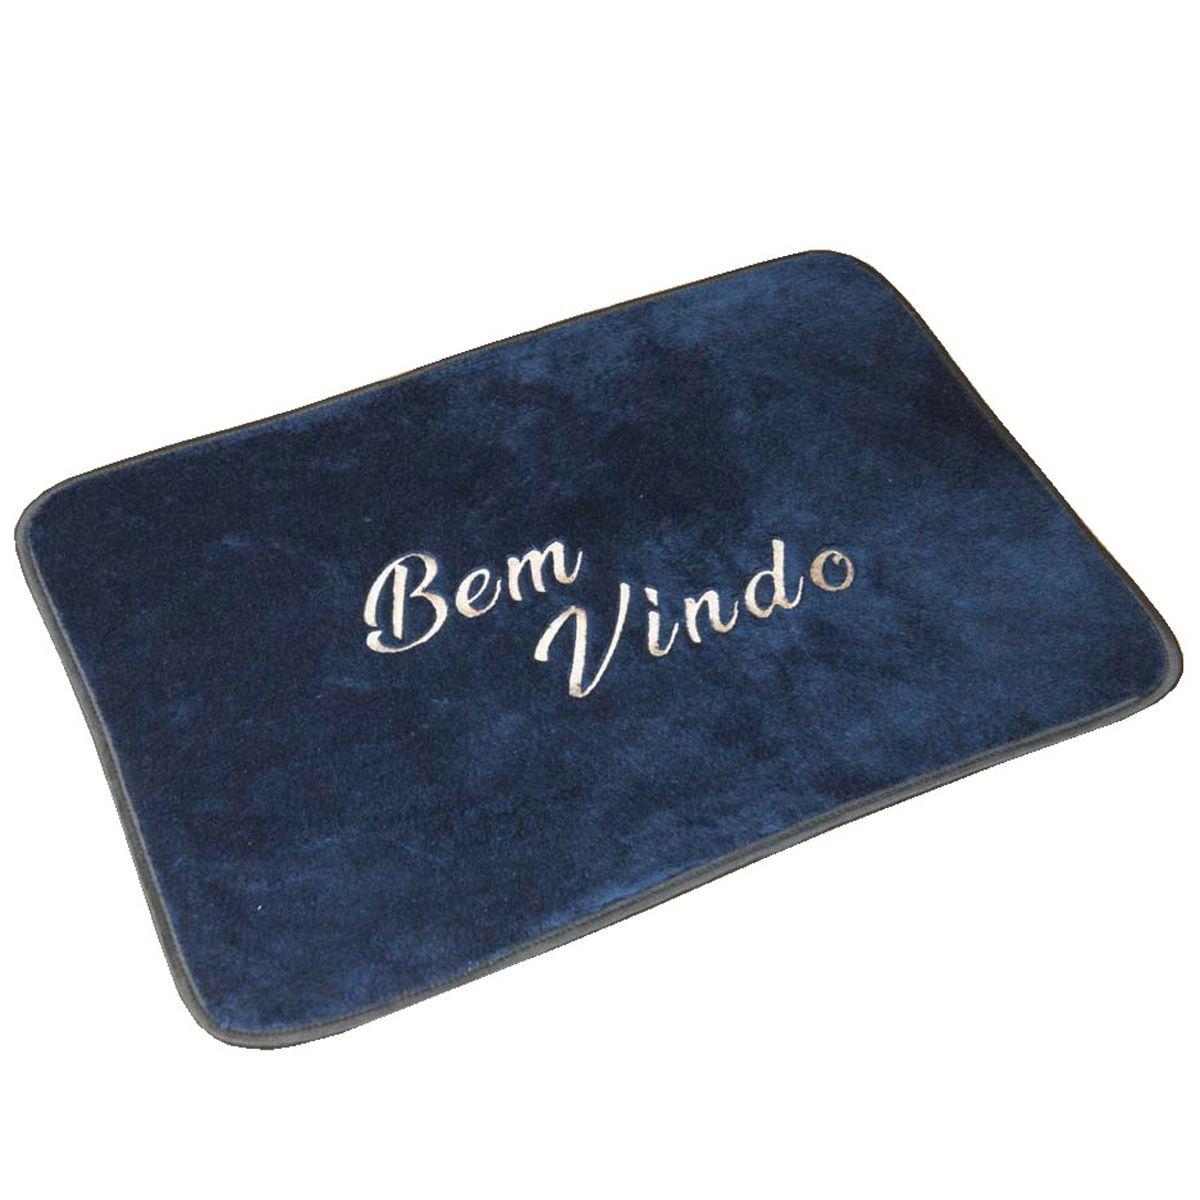 Tapete Retangular Premium Bem-Vindo Azul Marinho 68cm x 48cm